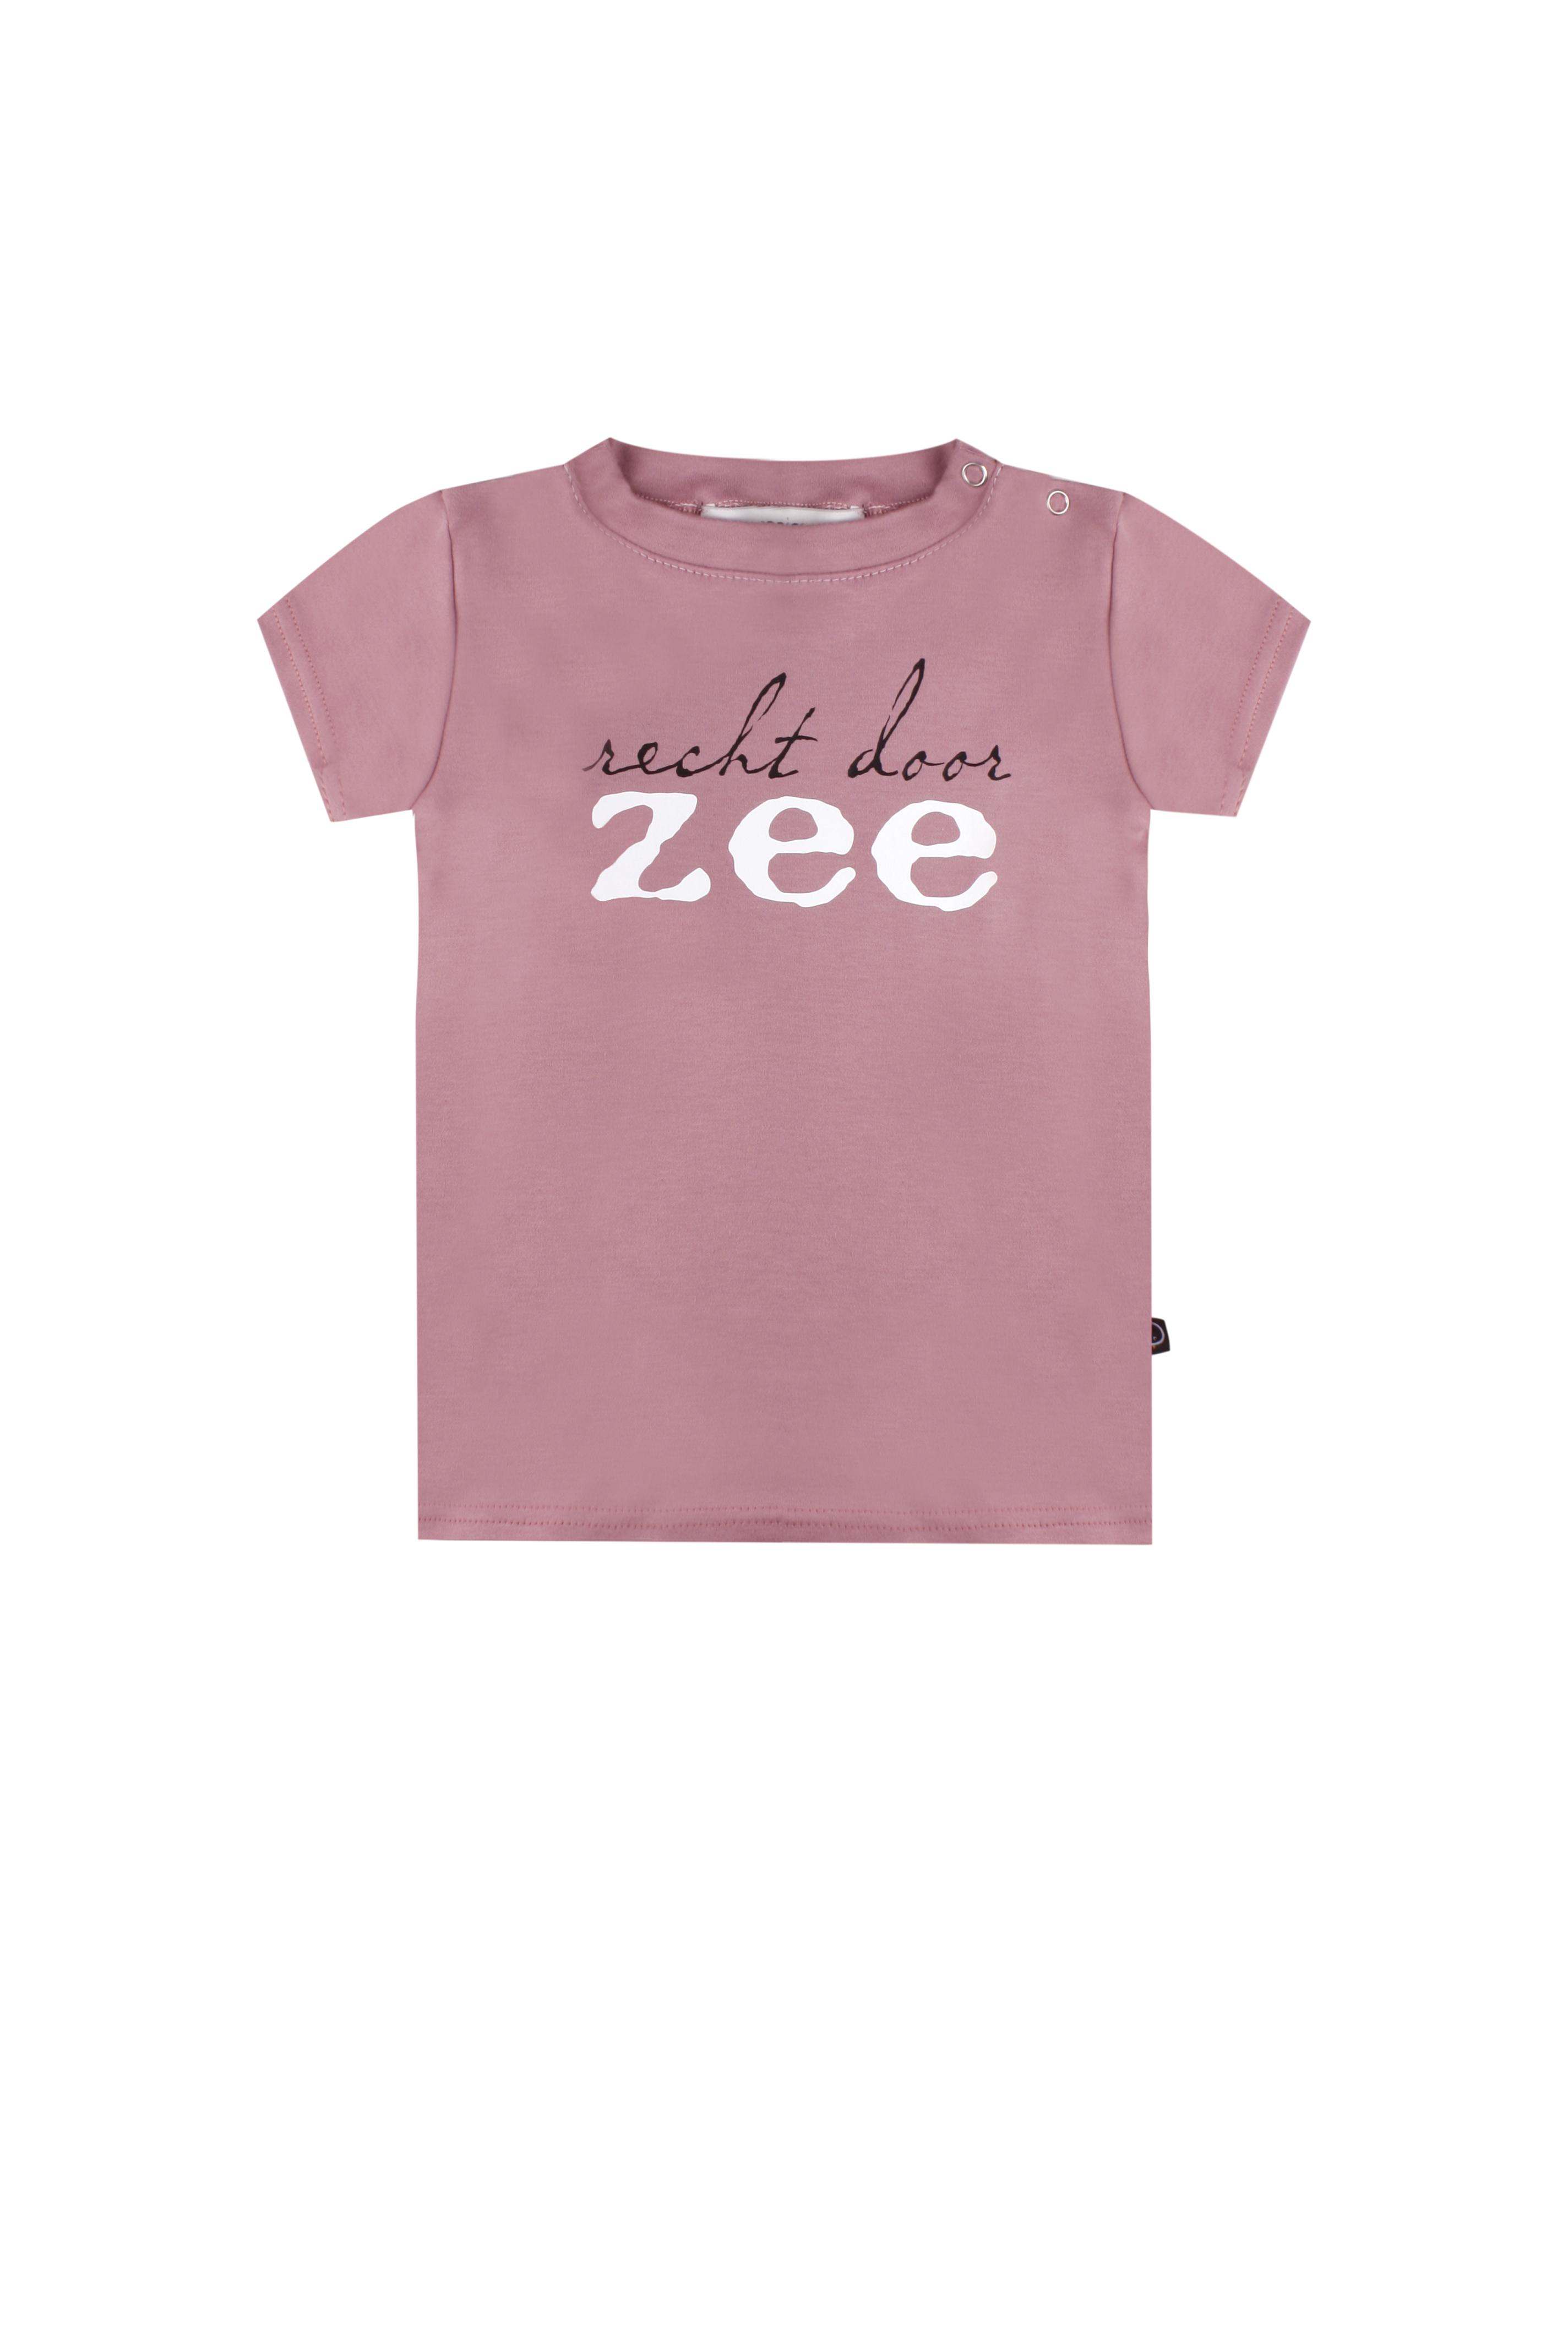 T-shirt Recht door zee